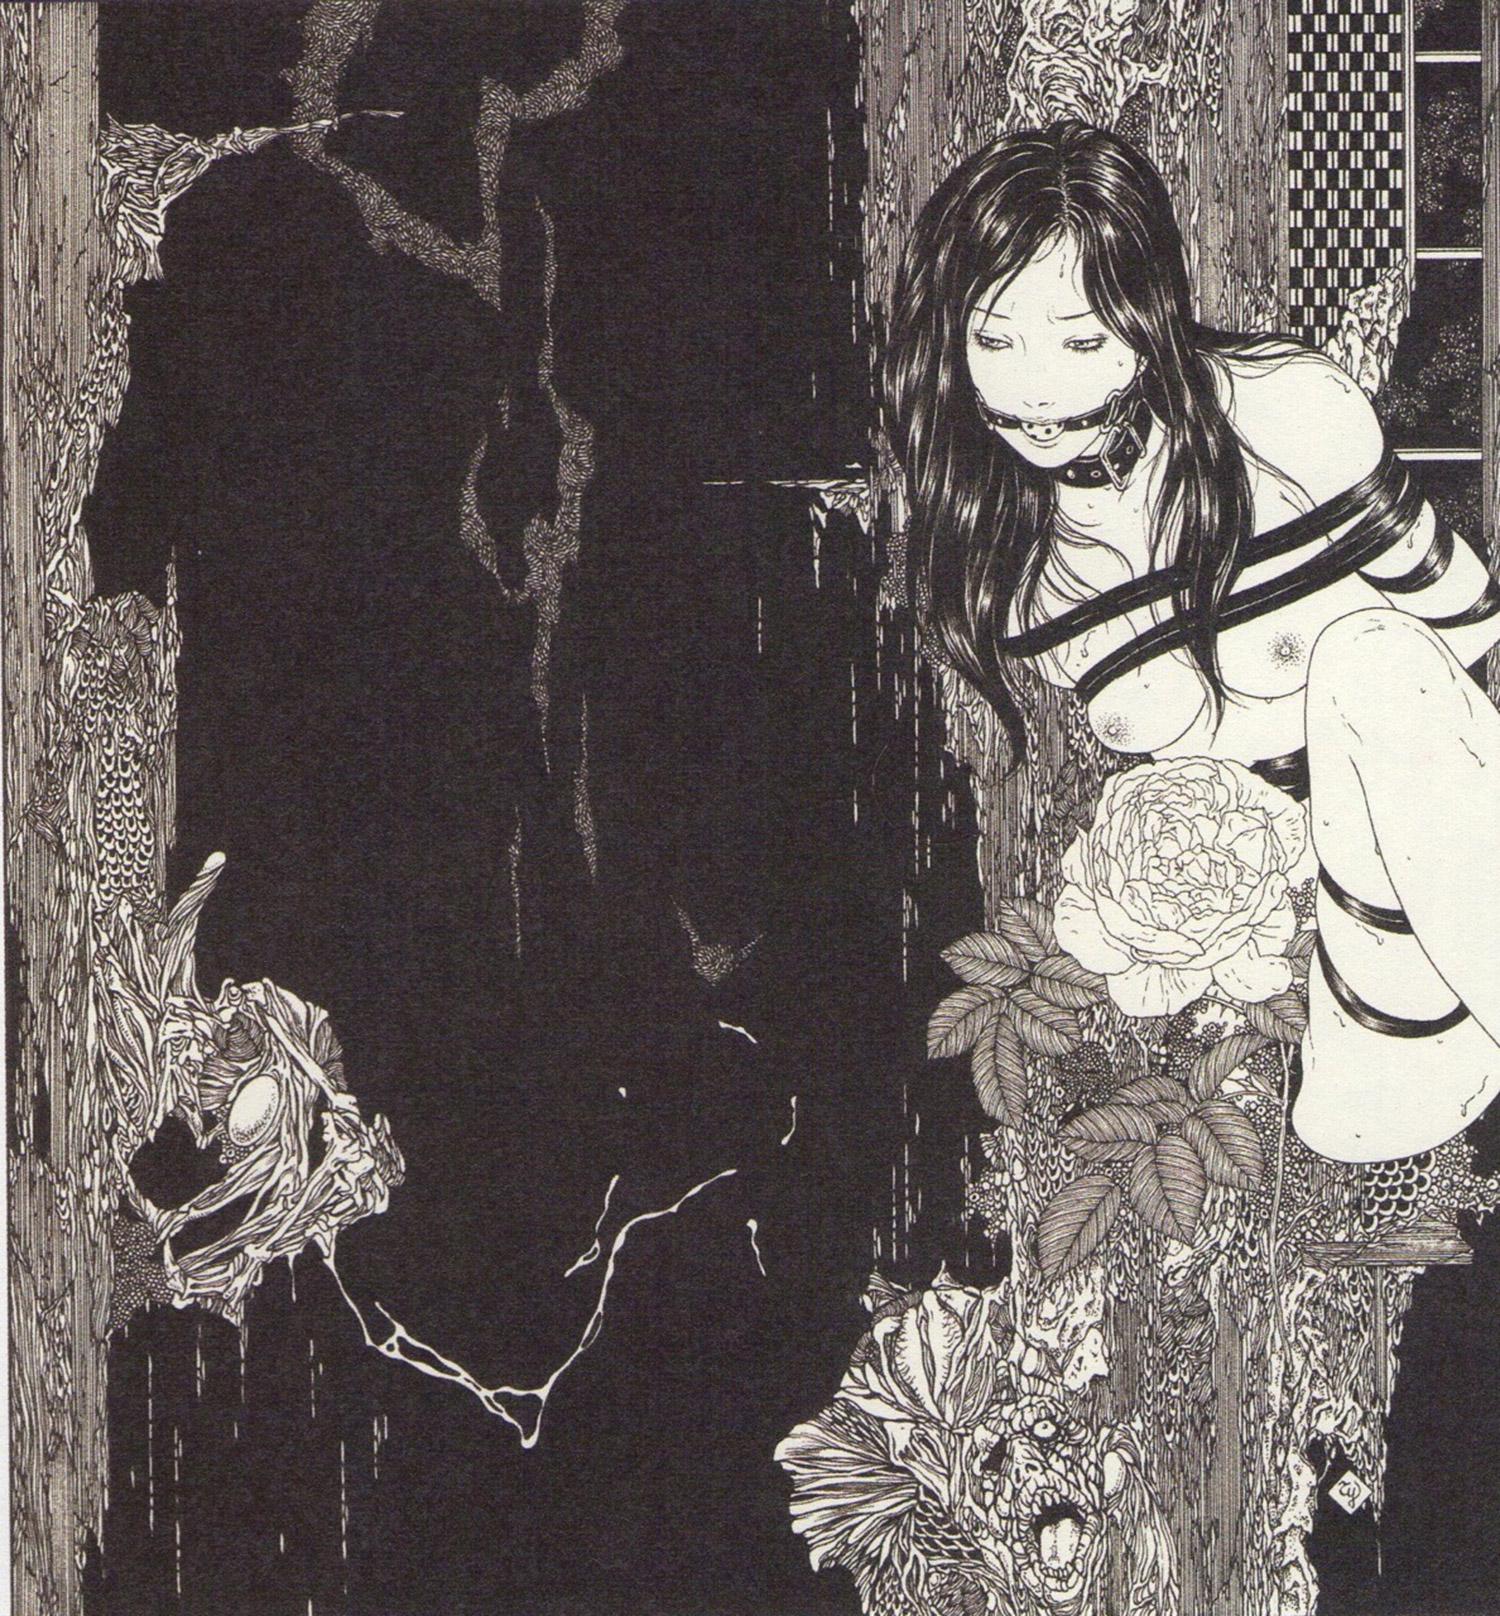 Takato Yamamoto - gothic bondage